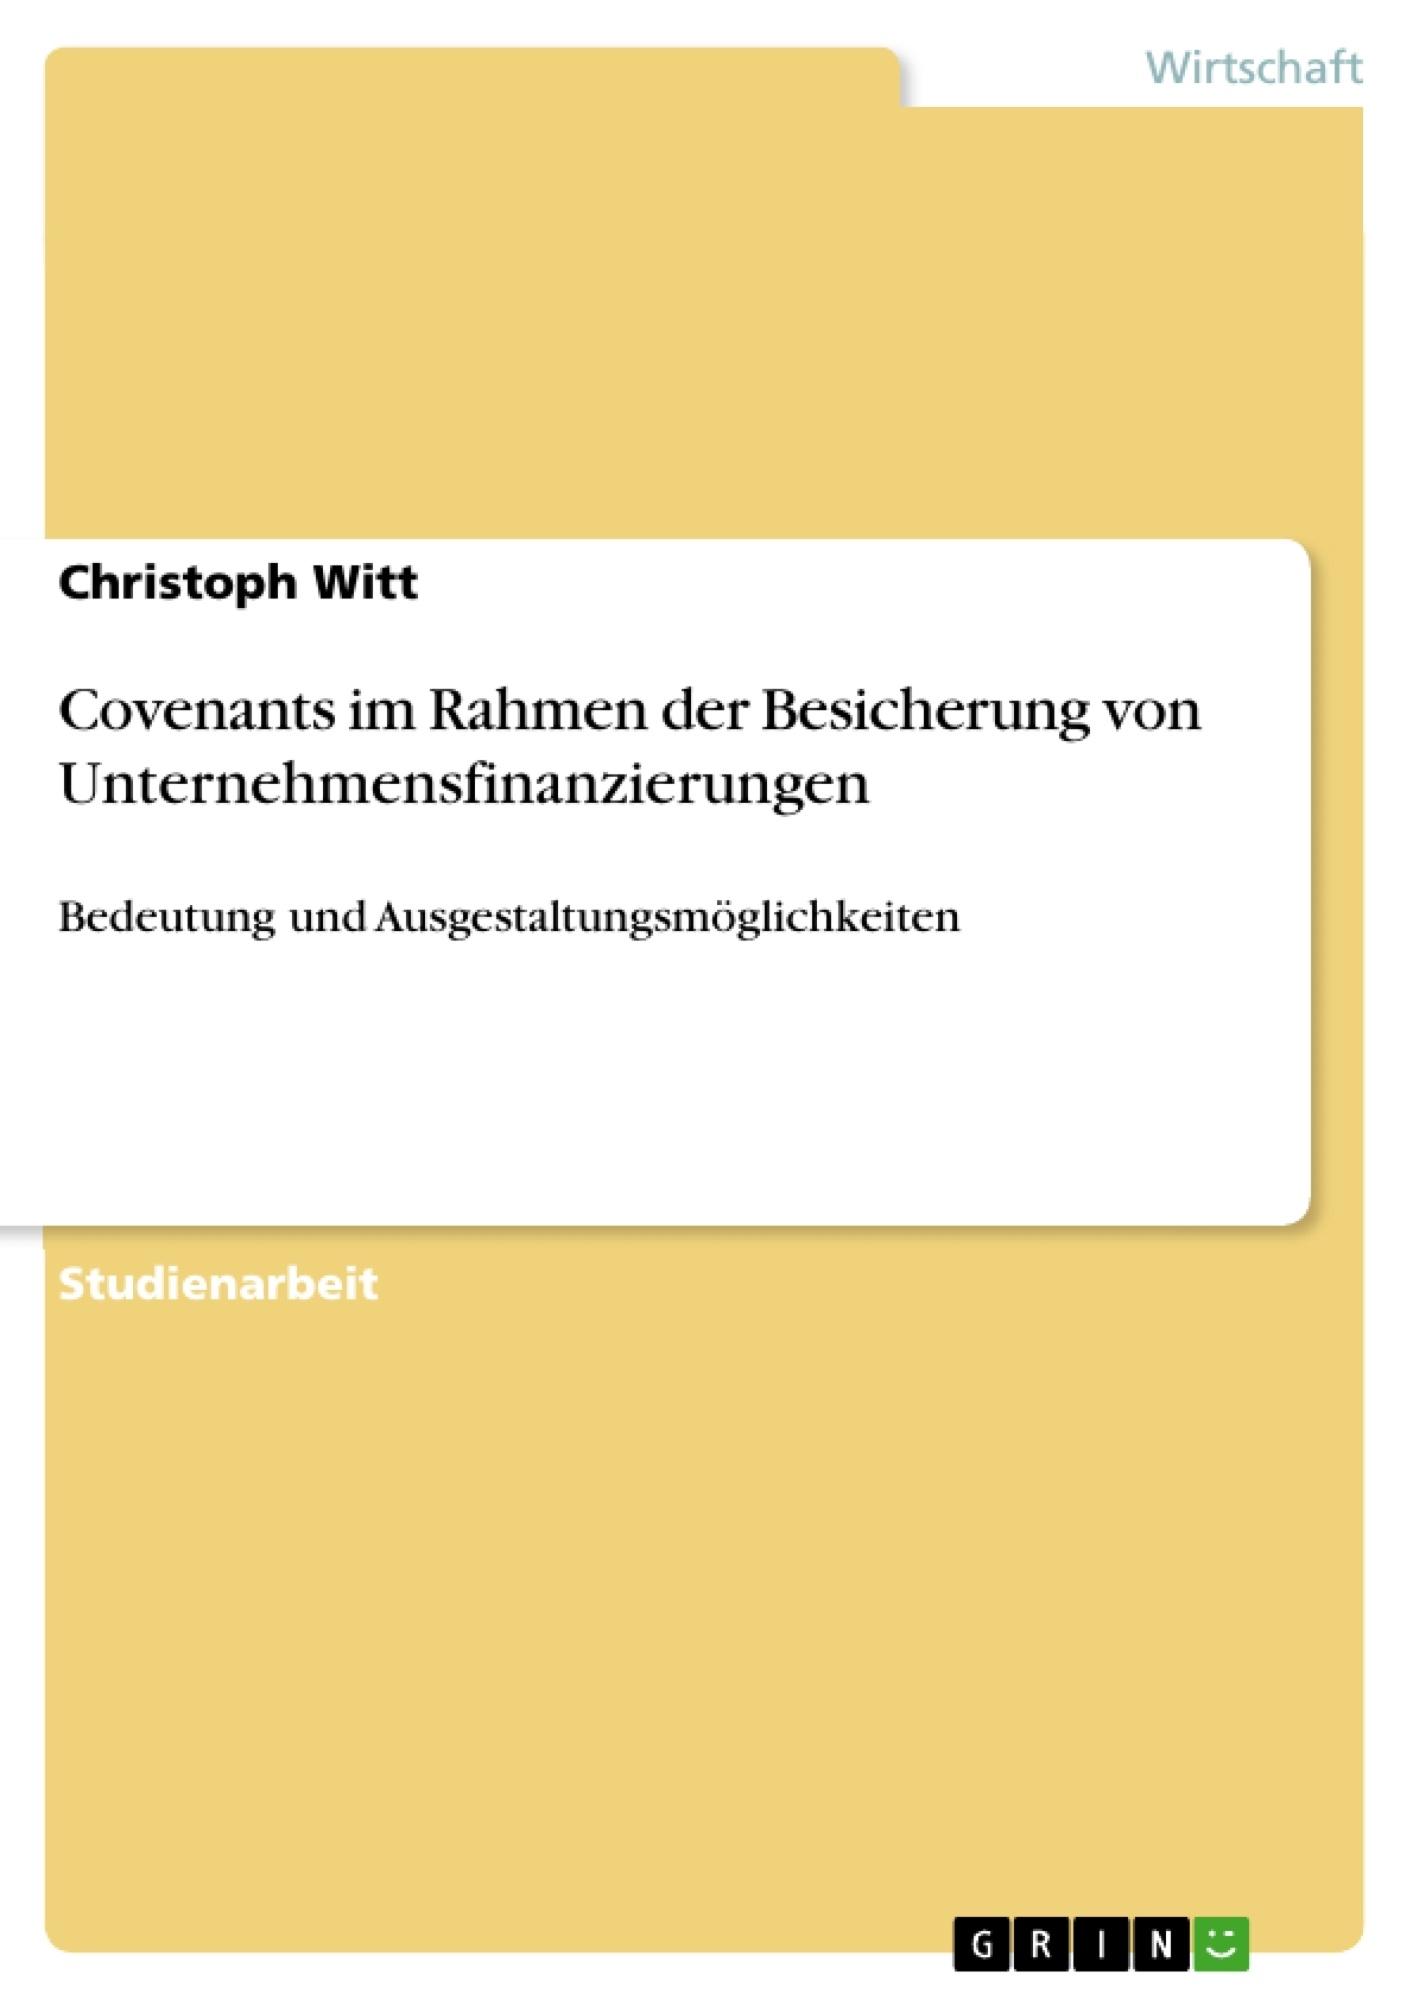 Titel: Covenants im Rahmen der Besicherung von Unternehmensfinanzierungen